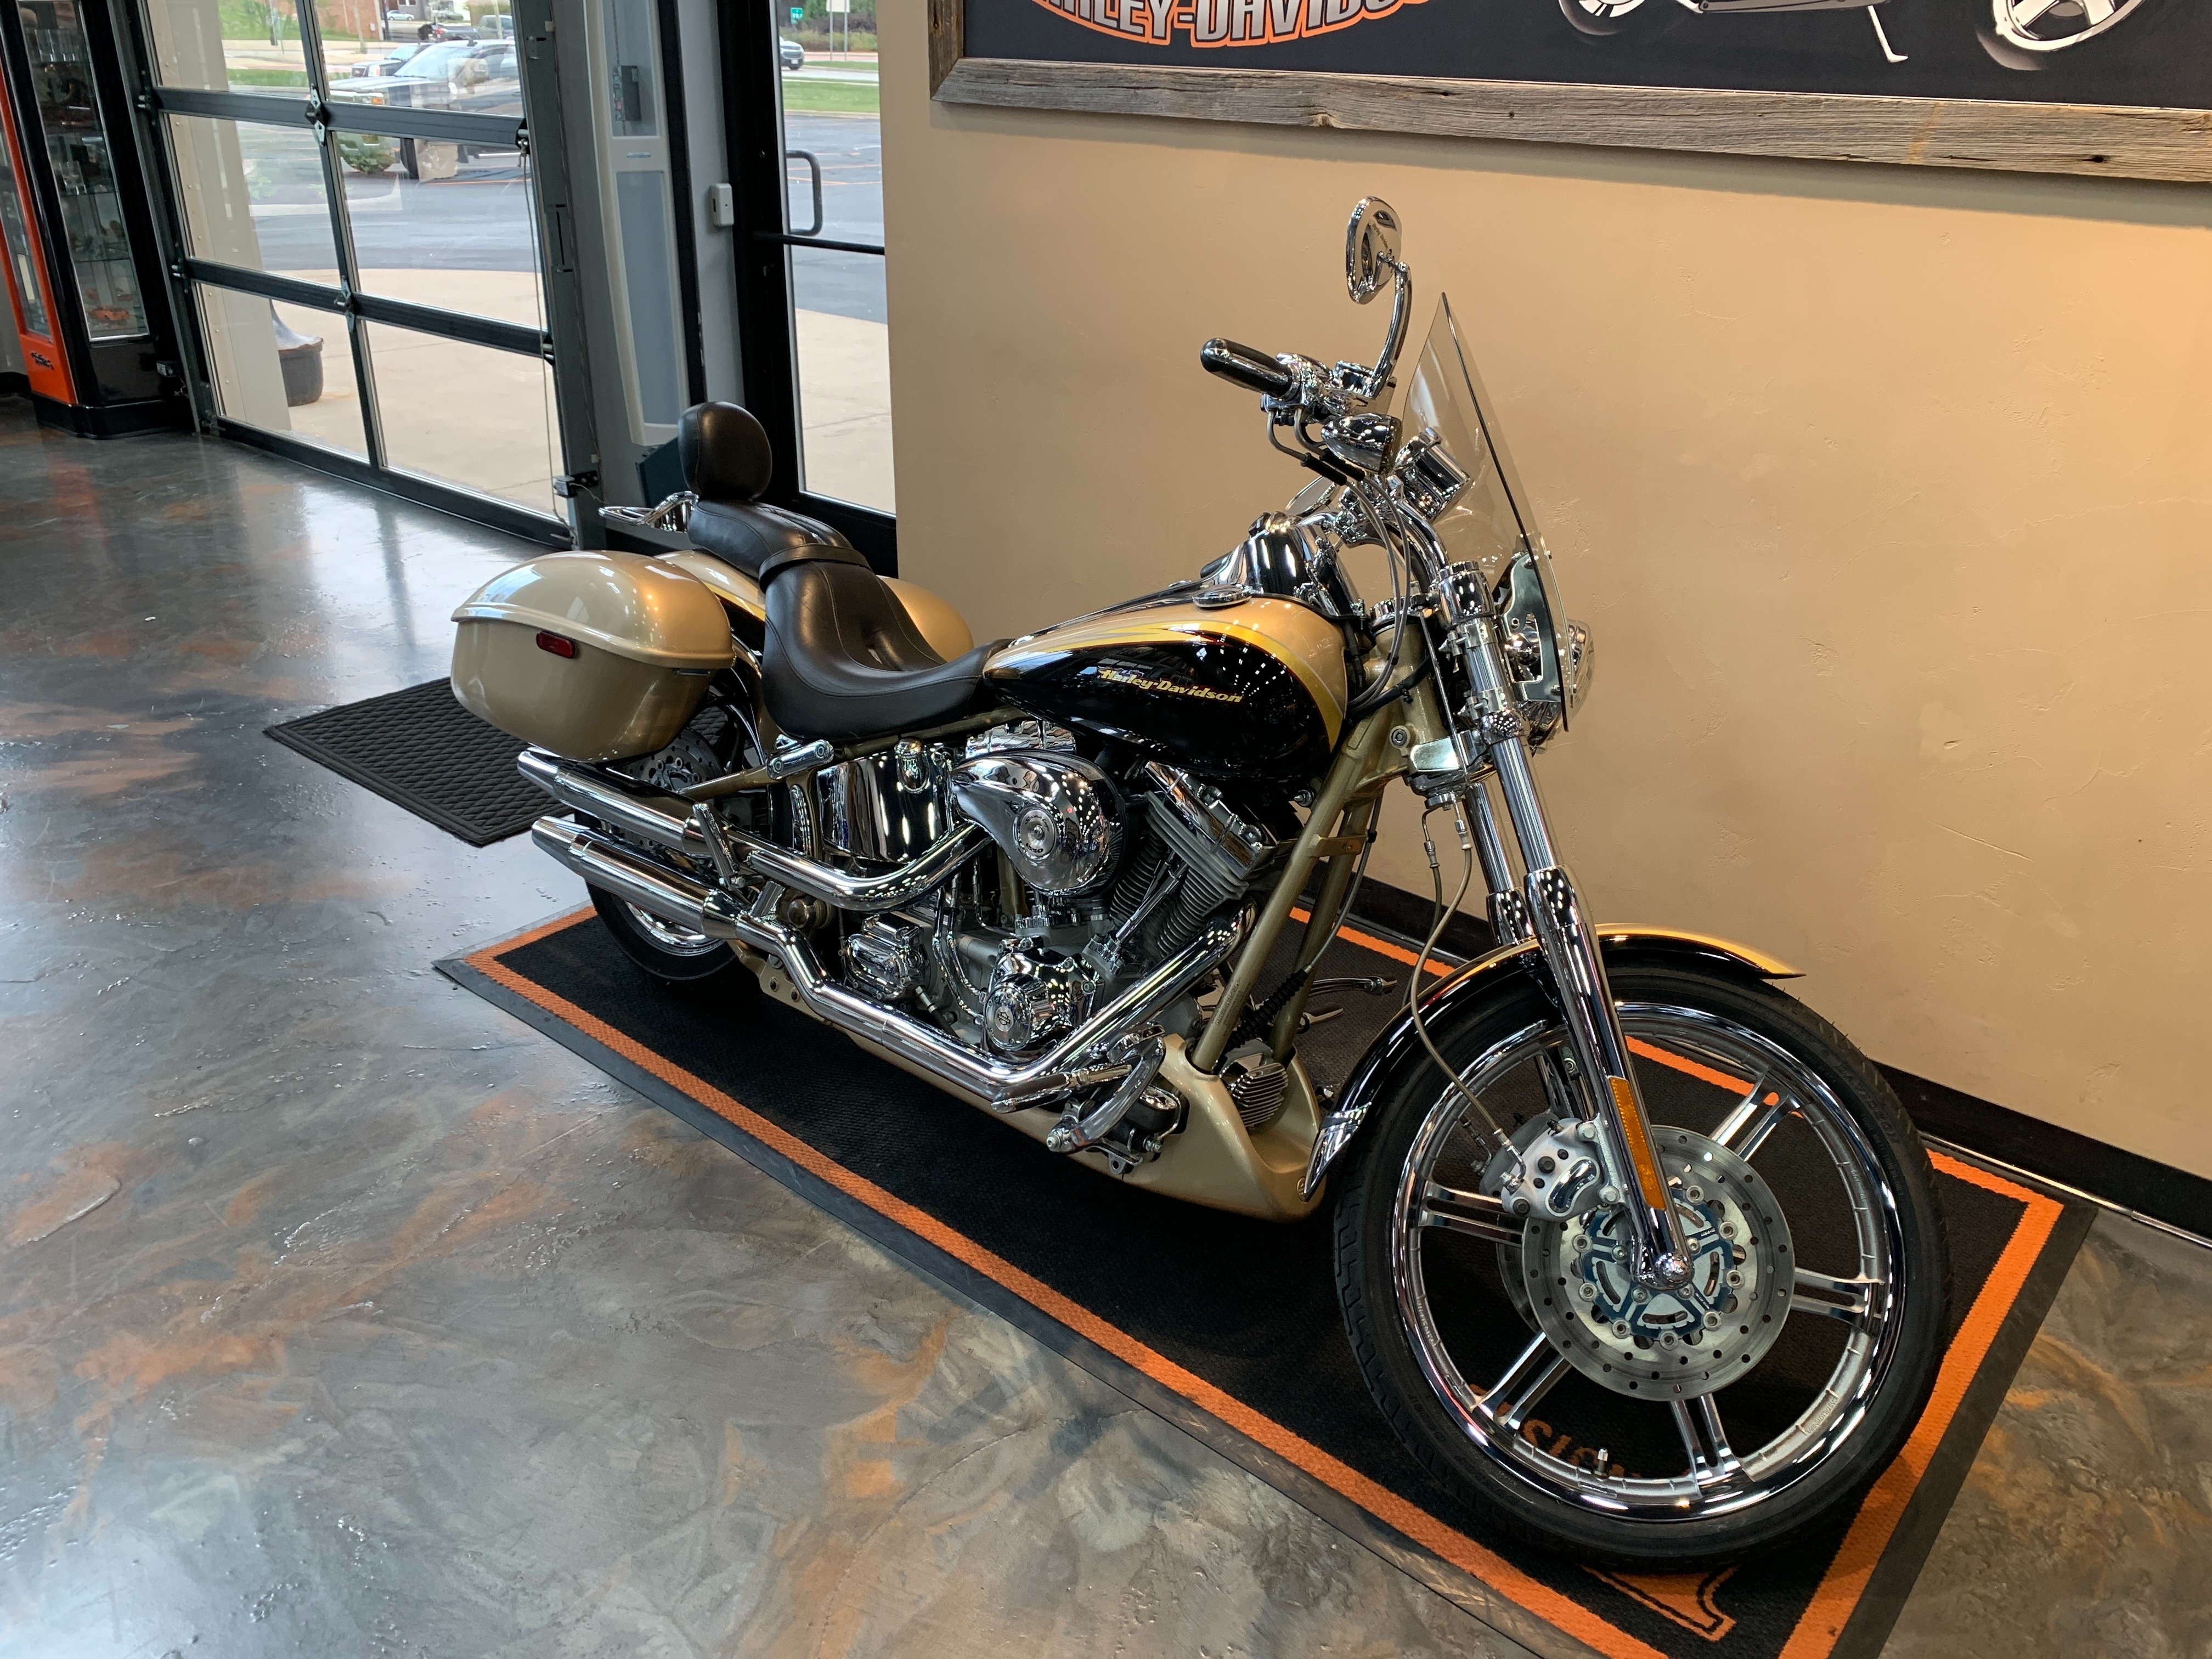 2003 Harley-Davidson FXSTDSE at Vandervest Harley-Davidson, Green Bay, WI 54303